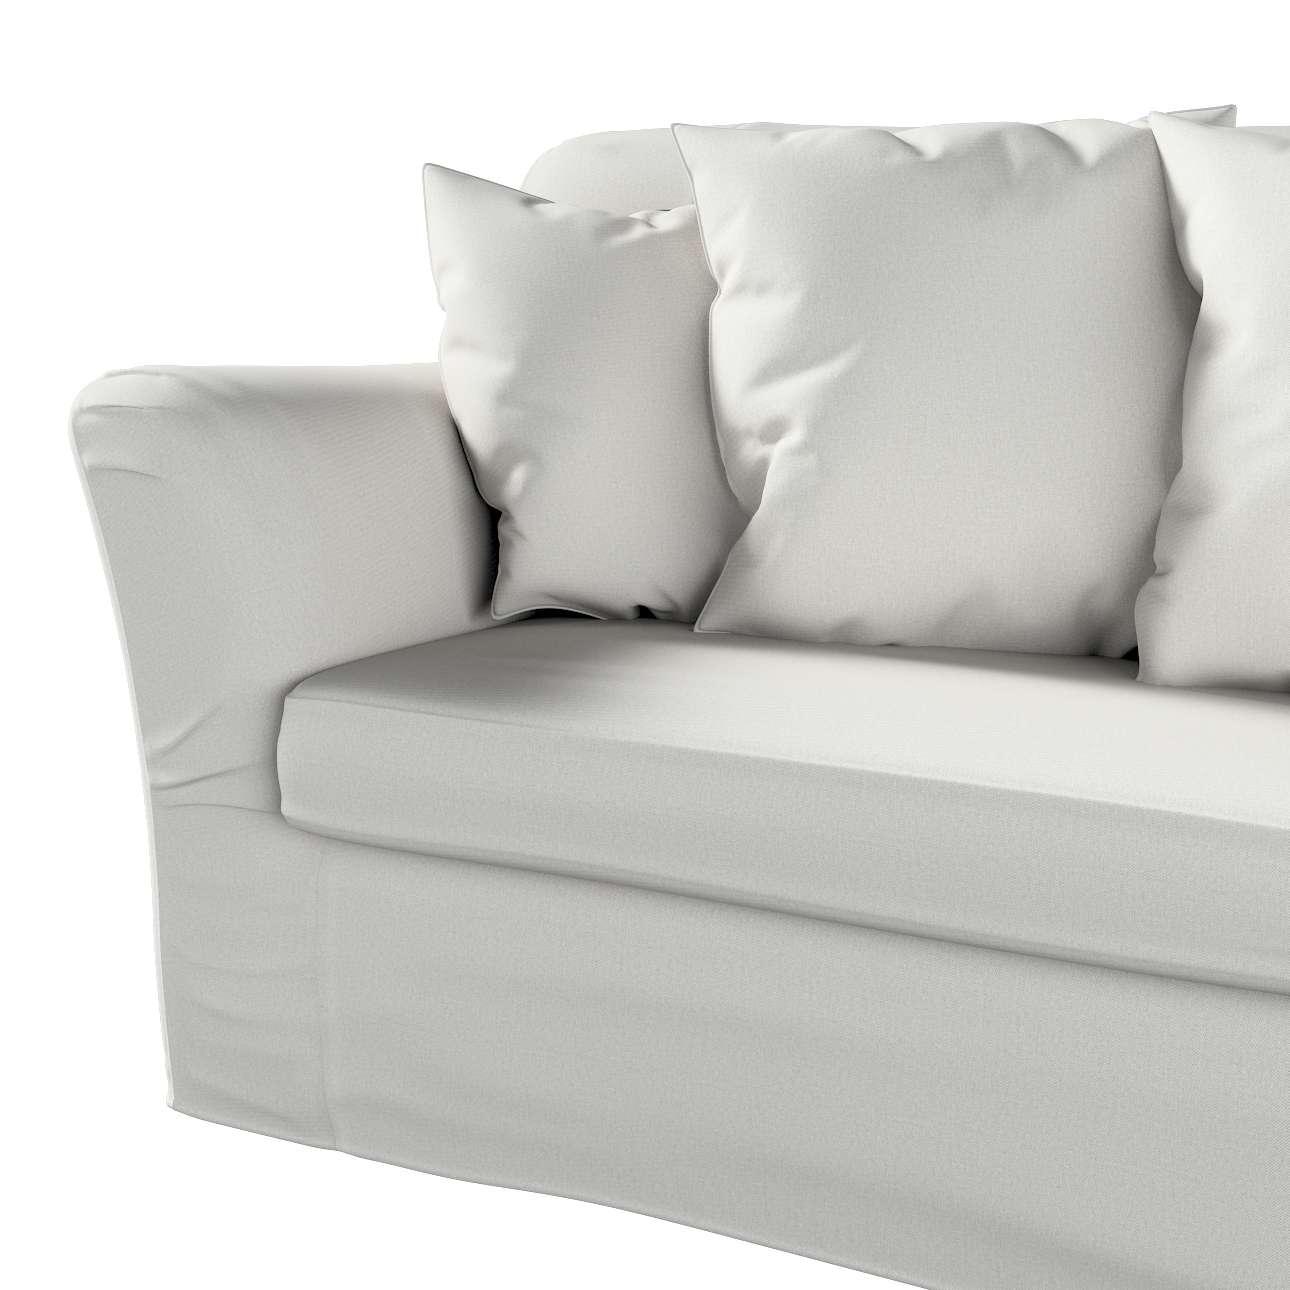 Pokrowiec na sofę Tomelilla 3-osobową rozkładaną w kolekcji Etna, tkanina: 705-90